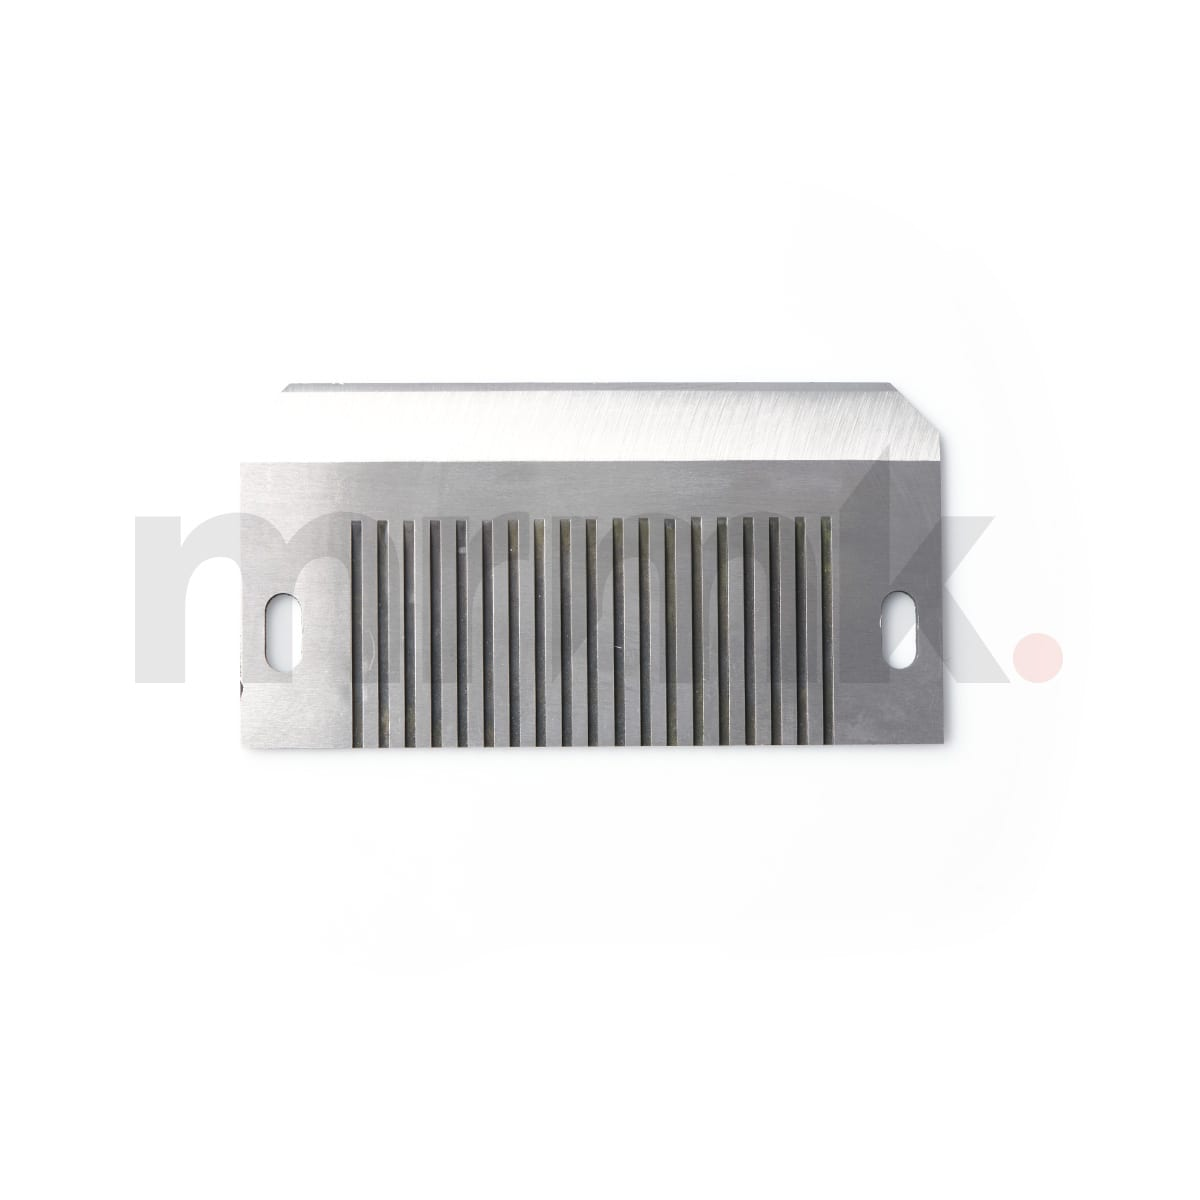 Kronen Plate Compatible 2